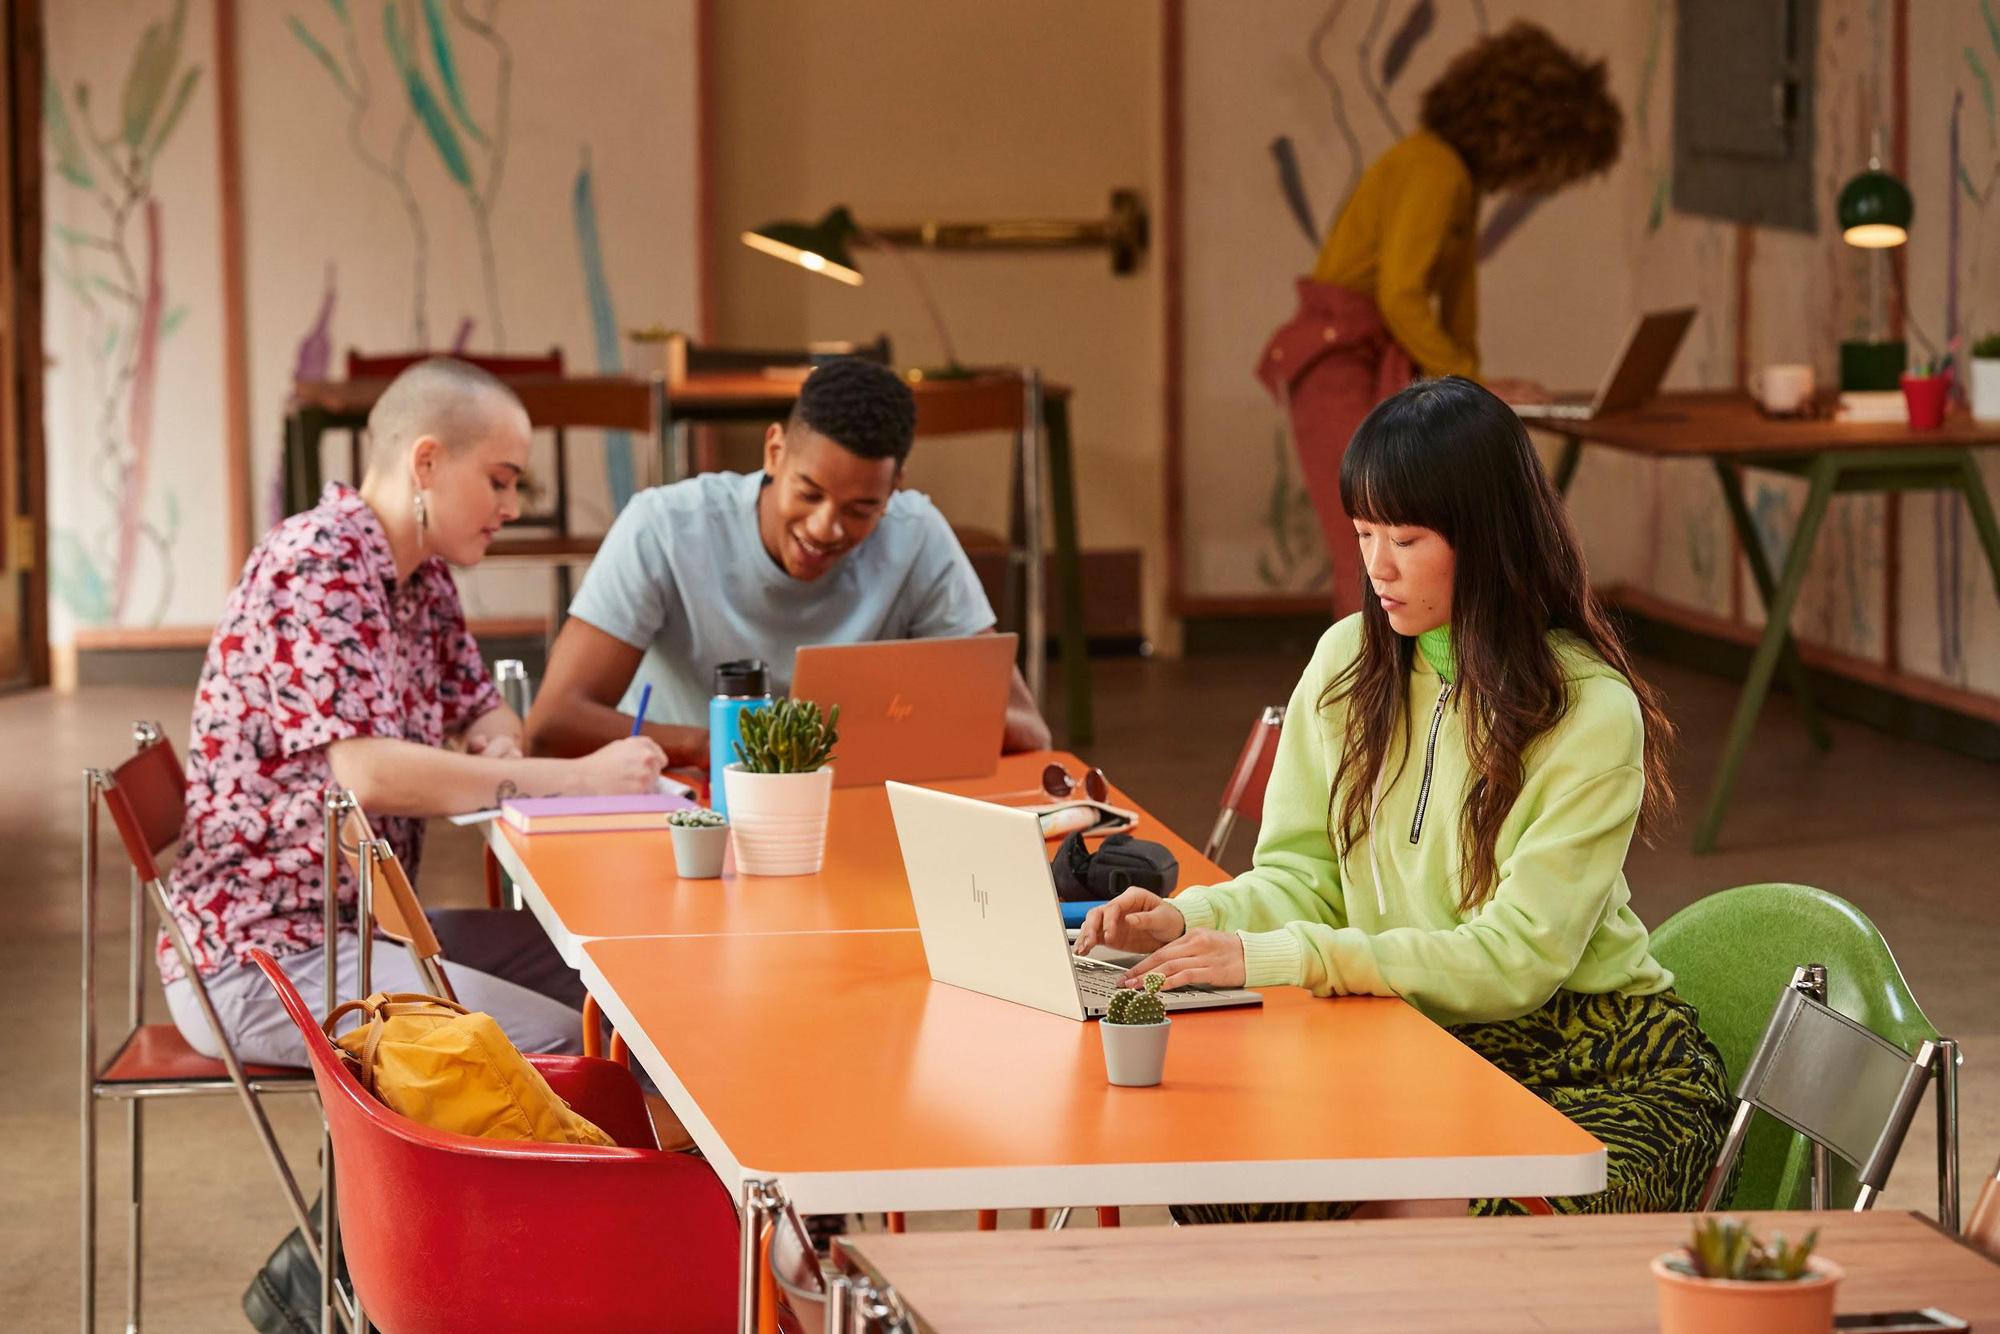 HP Envy 13 nâng cấp cấu hình: Intel Tiger Lake, 16GB RAM, pin trên 9 giờ, Office bản quyền - Ảnh 2.